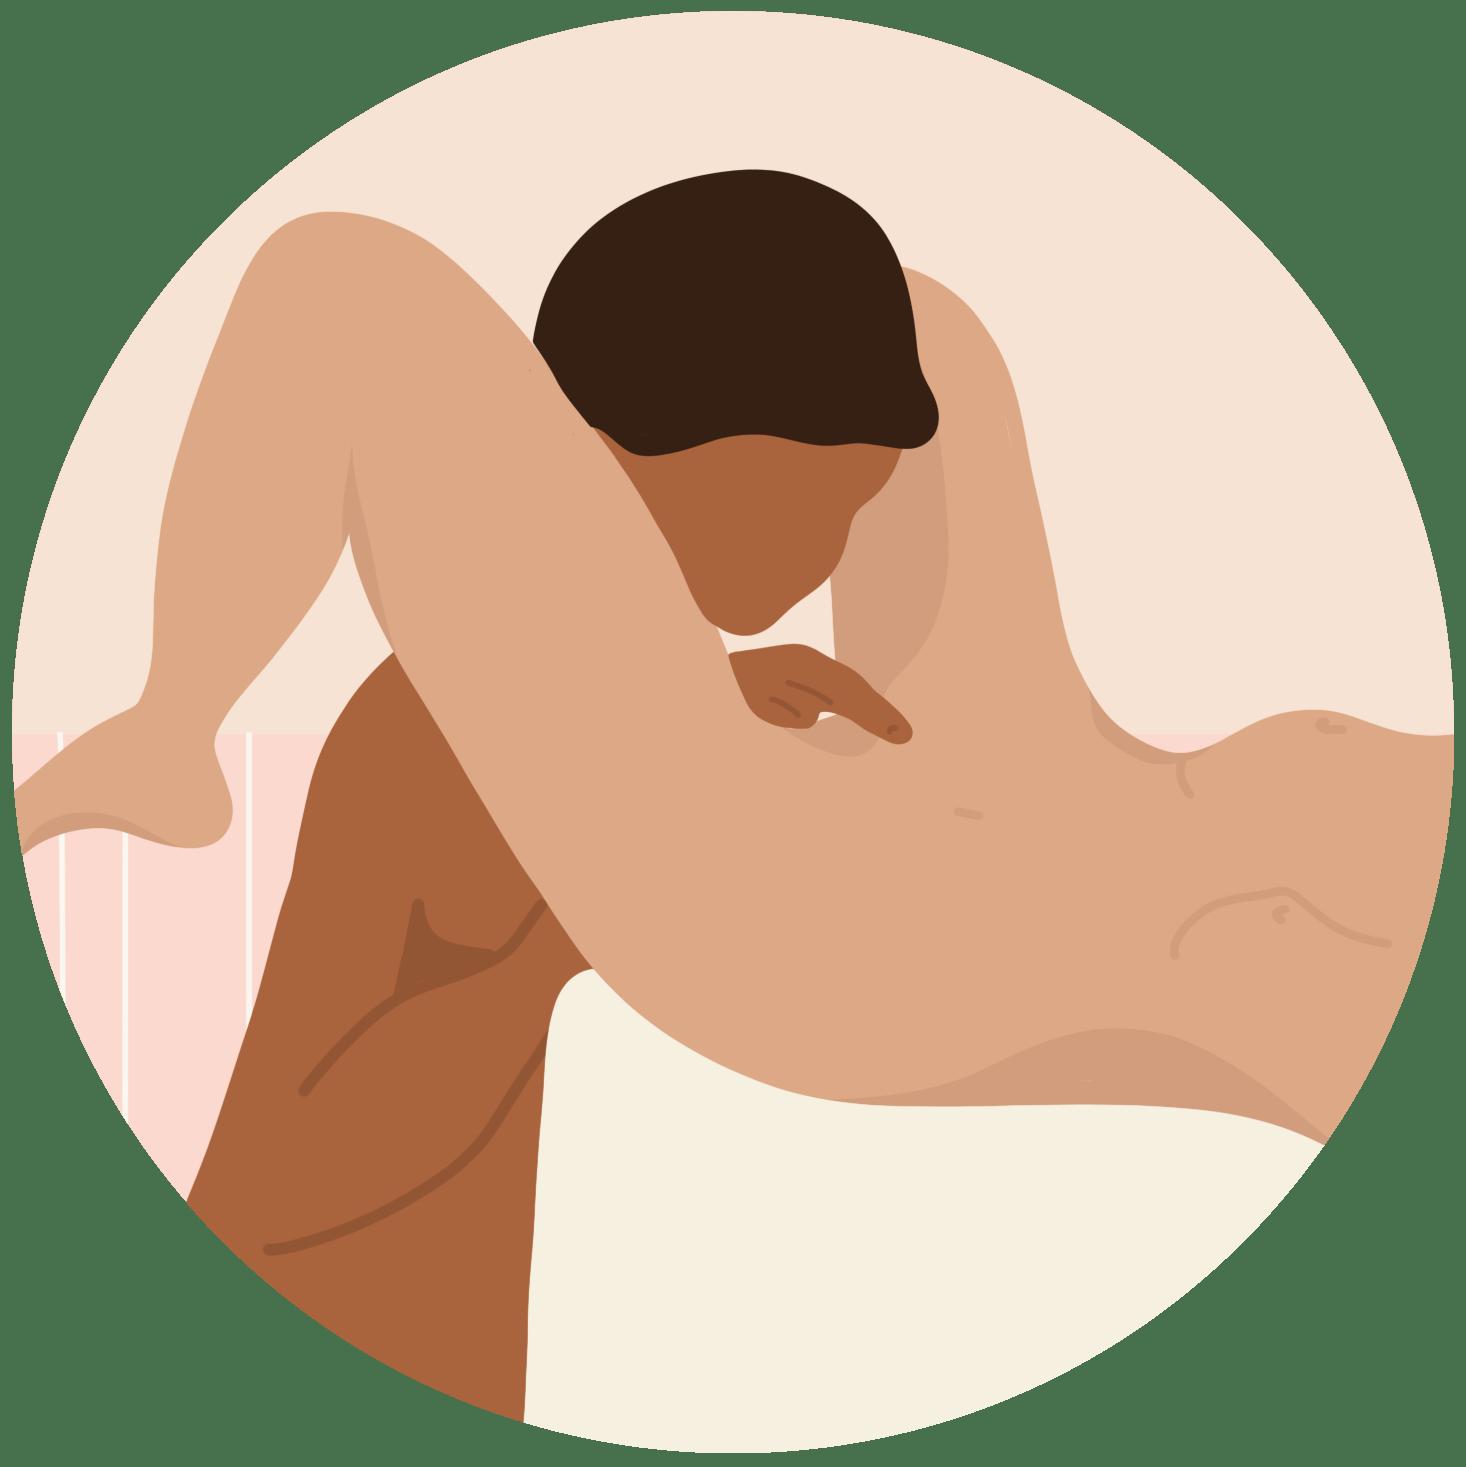 Os 5 benefícios do sexo oral certificados pela ciência